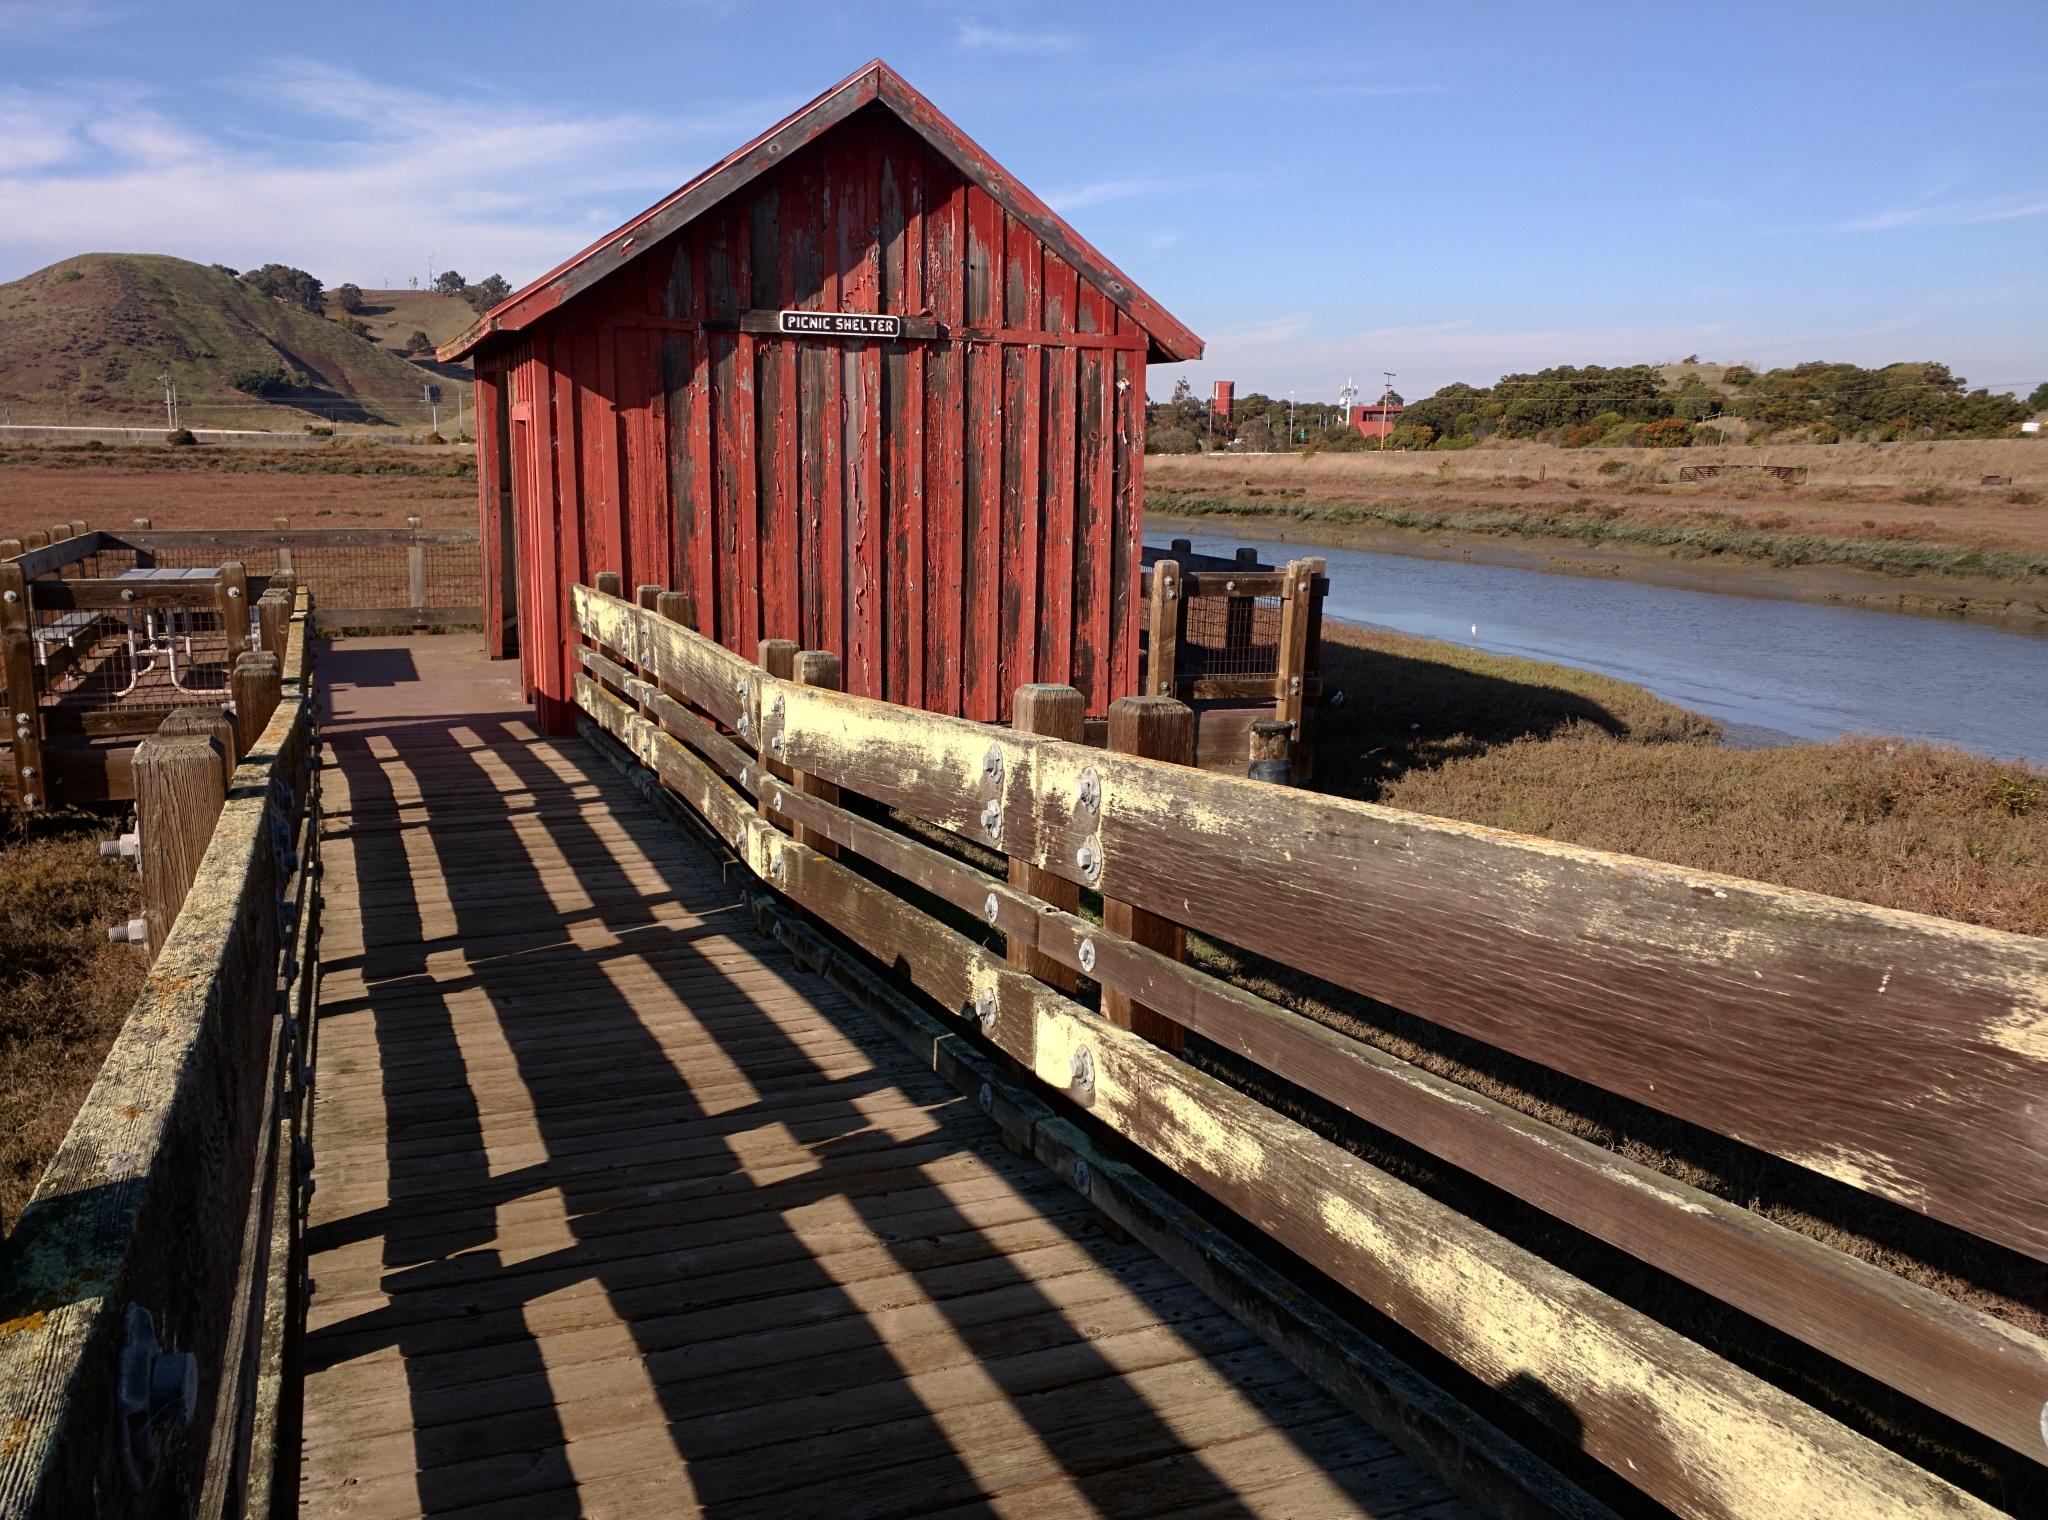 Un capanno per picnic o per birdwatching affacciato sulle paludi